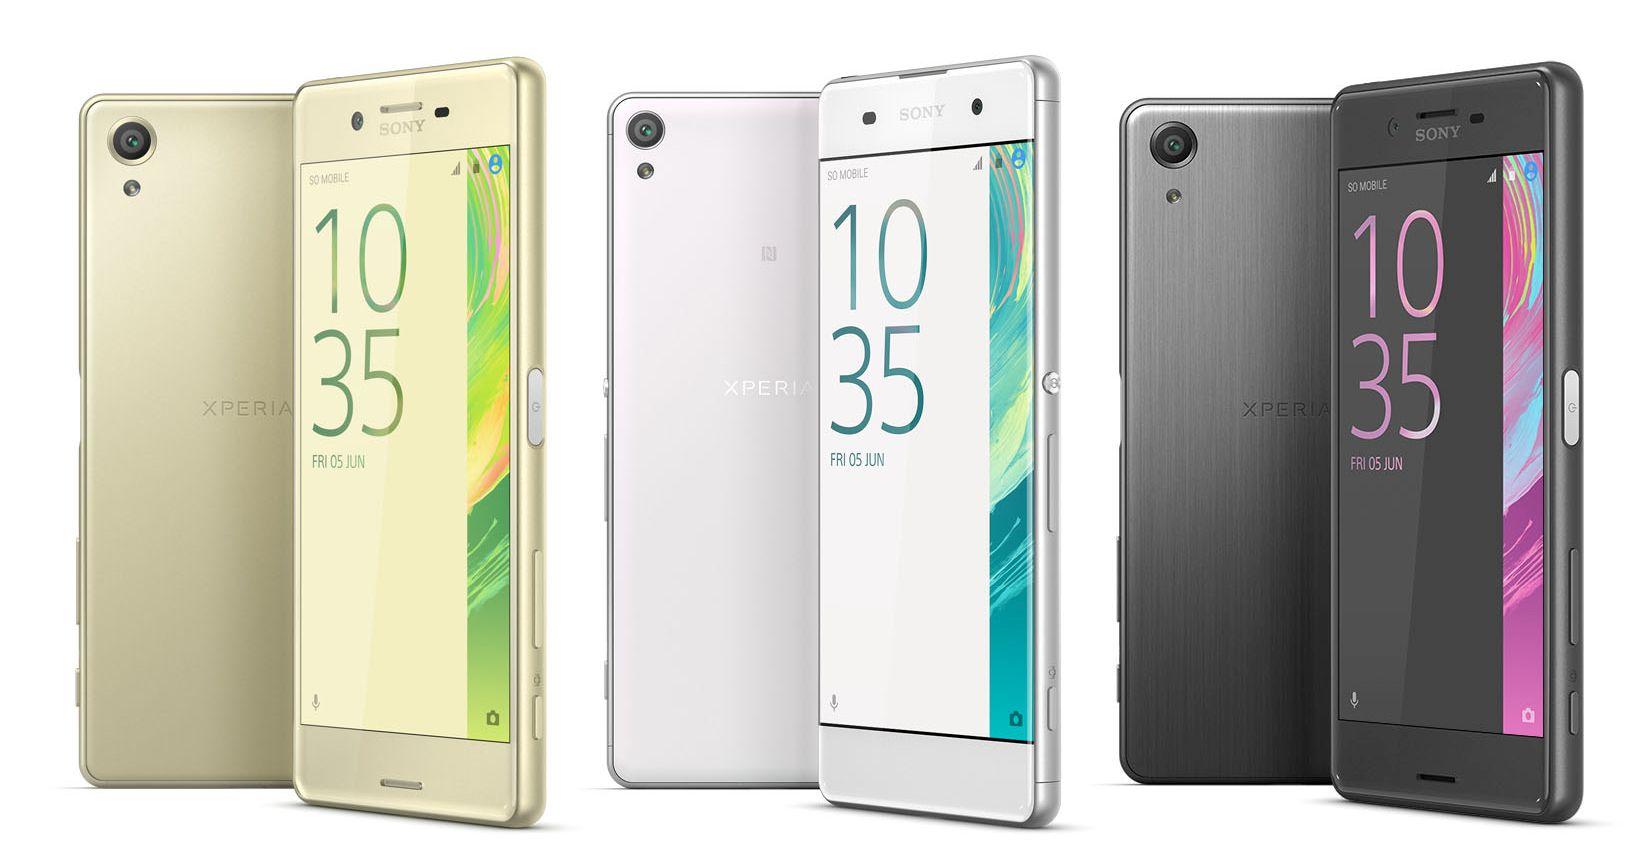 news-sony-xperia-x-1 Sony zaprezentowało pierwsze smartfony z serii Xperia X